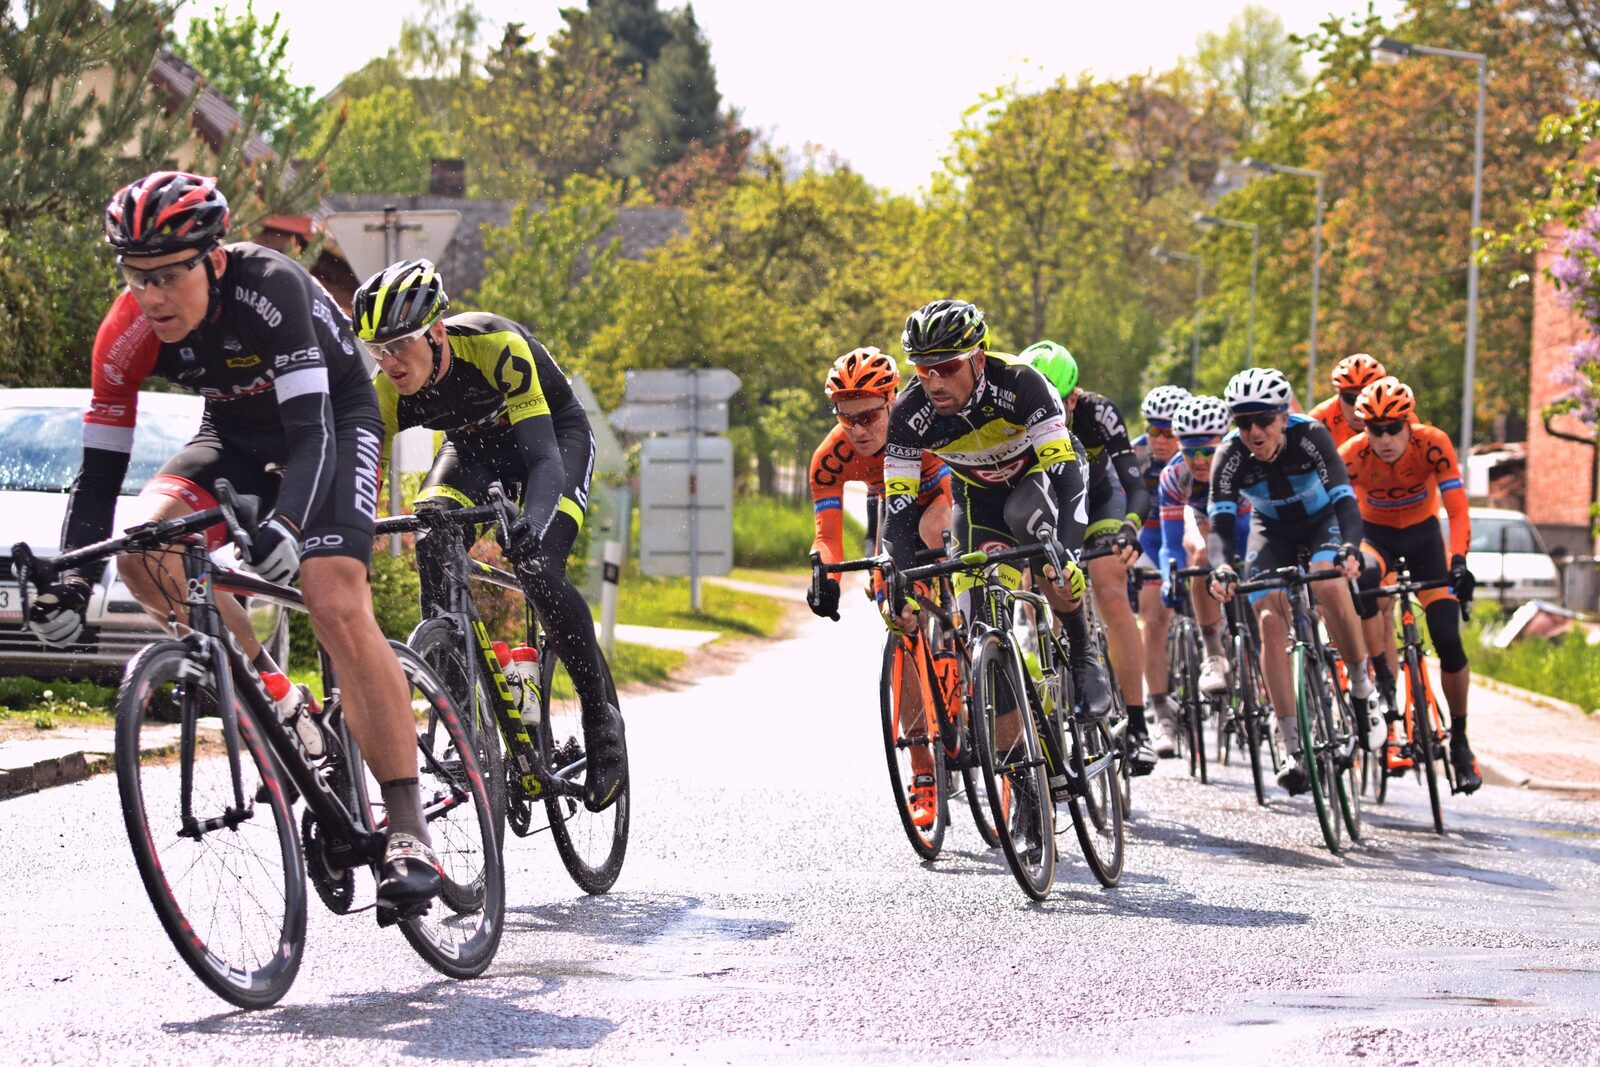 Sta aan de finish tijdens de Amstel Gold Race 2021 - TopParken